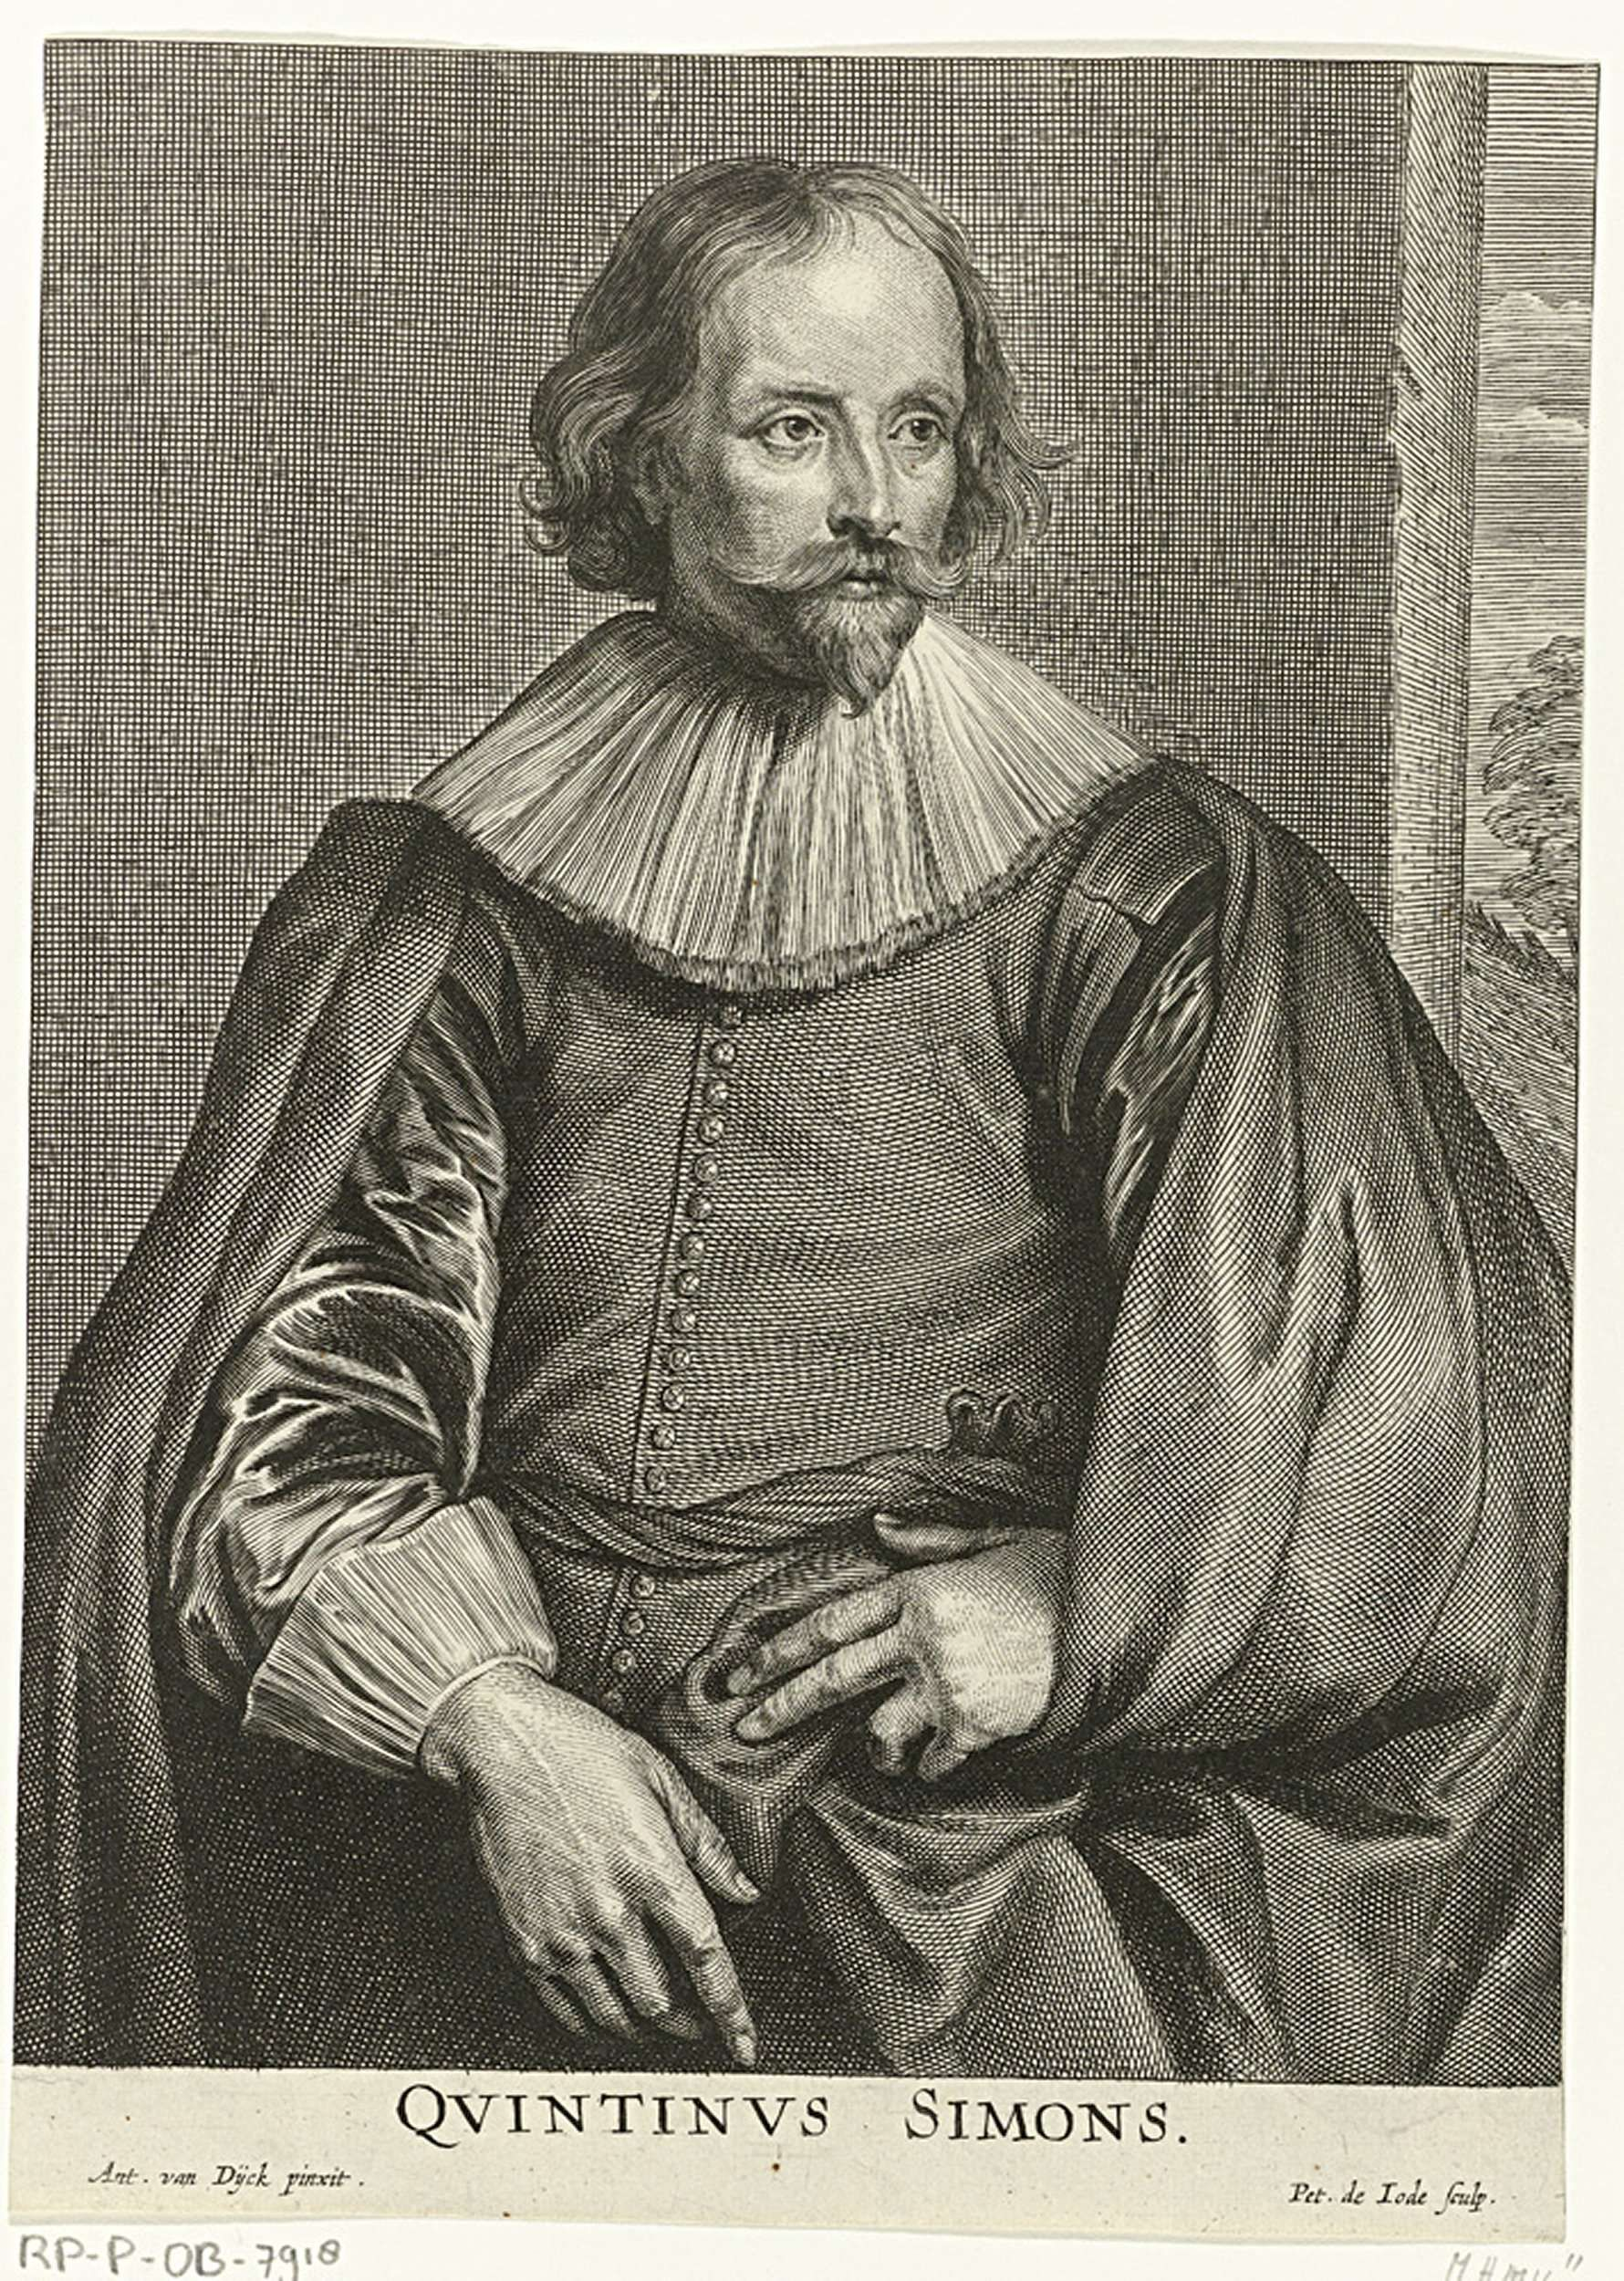 Pieter de Jode (II) | Portret van Quintijn Simons, Pieter de Jode (II), 1628 - 1670 | Portret van Quintijn Simons, ten halven lijve. In de marge de naam van de geportretteerde.